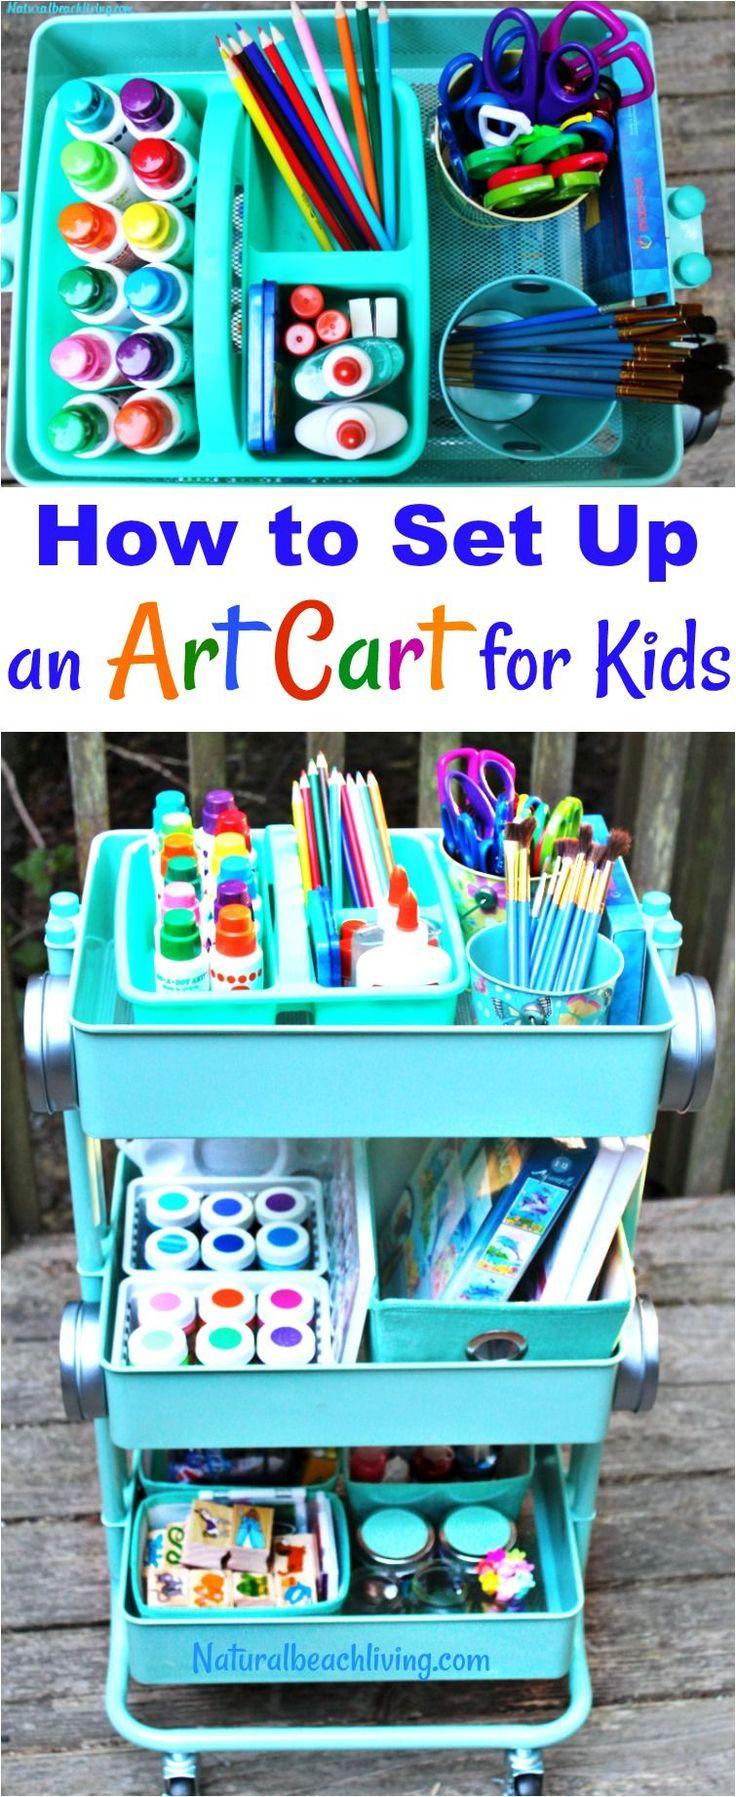 406 best Classroom images on Pinterest | Kindergarten, Activities ...